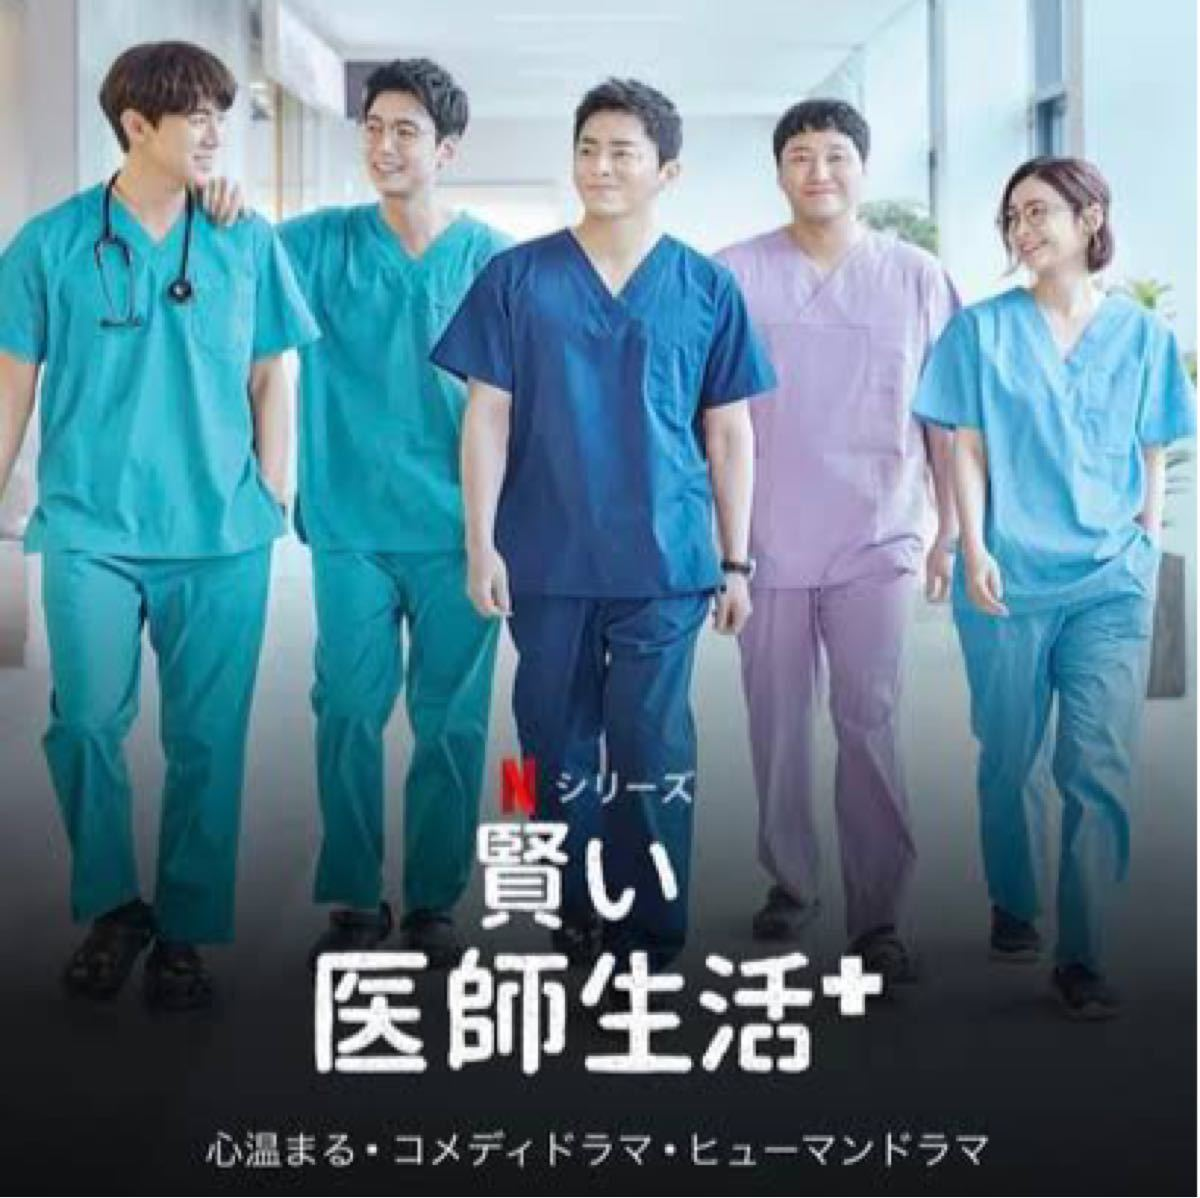 韓国ドラマ 賢い医師生活 DVD『レーベル印刷有り』全話